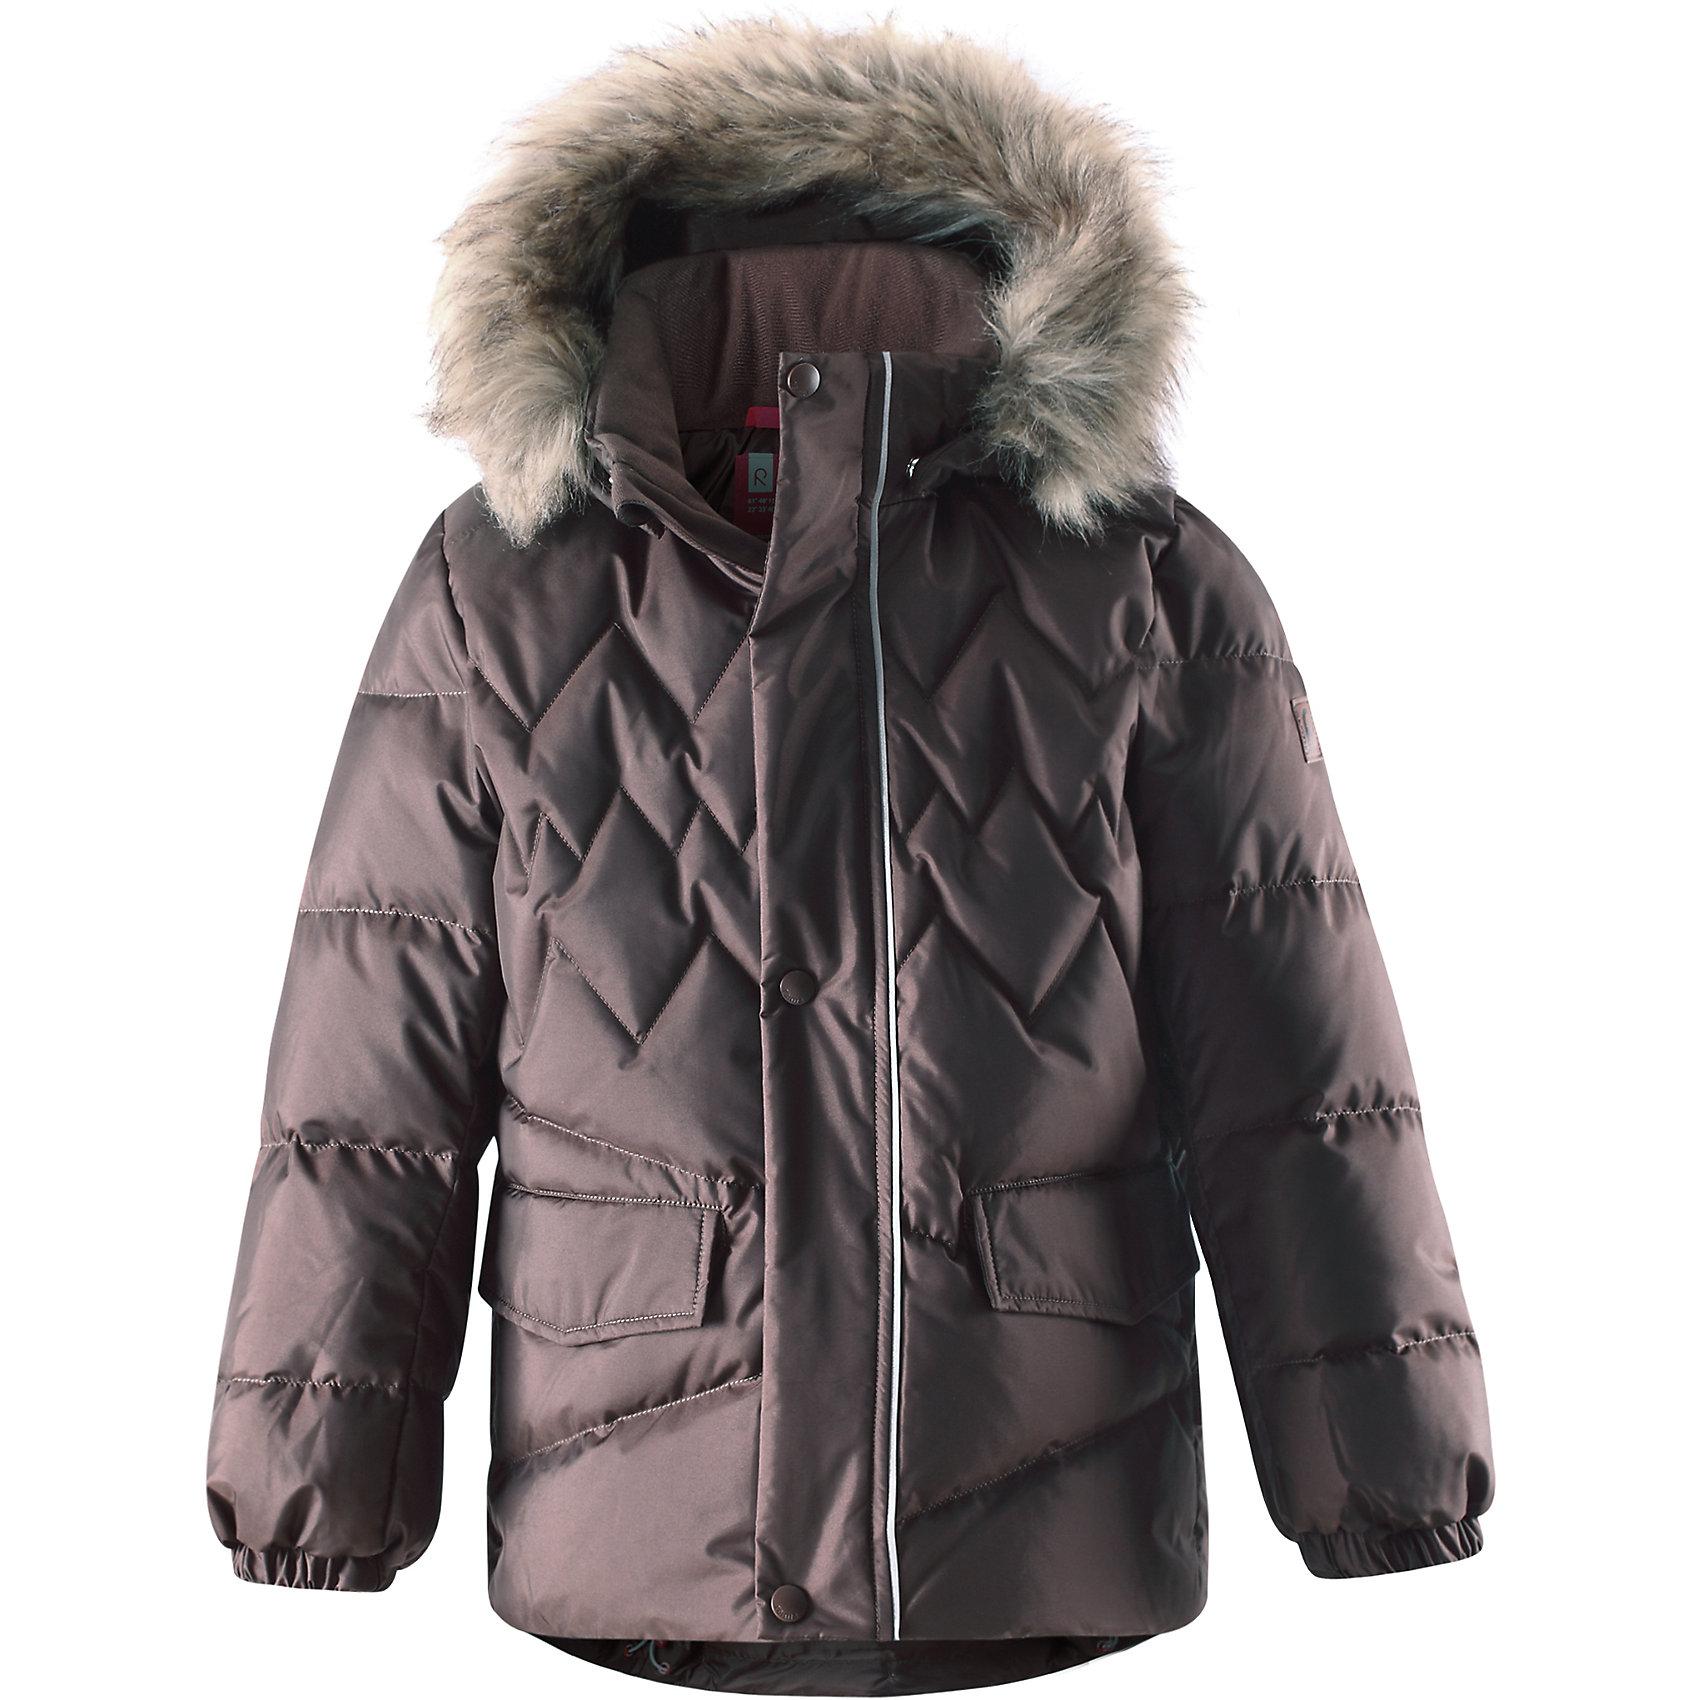 Куртка для мальчика ReimaЭтот модный пуховик согреет детей на прогулке в холодные зимние дни! Модель для мальчиков пошита из ветронепроницаемого дышащего материала, который отталкивает воду и грязь, чтобы обеспечить тепло и комфорт в морозные зимние дни. Куртка с подкладкой из гладкого полиэстера легко надевается и удобно носится с тёплым промежуточным слоем. Спереди и сзади эта тёплая куртка украшена элегантной вышивкой. Сзади на талии имеется фиксированная утяжка. У этой удлинённой модели прямого покроя имеются два боковых кармана с клапанами. Во время прогулки в них можно спрятать маленькие сокровища. Съёмный капюшон не только защищает от холодного ветра, но и безопасен! Если закреплённый кнопками капюшон зацепится за что-нибудь, он легко отстегнётся. Завершающий штрих модного пуховика - съёмная отделка из искусственного меха на капюшоне.<br><br>Дополнительная информация:<br><br>Температурный режим: до -30<br>Высокая степень утепления 60/40<br>Пуховик для мальчиков-подростков<br>Безопасный съёмный капюшон с отстёгивающейся отделкой из искусственного меха<br>Боковые карманы с клапанами<br>Эластичные манжеты<br>Состав: 55% Полиамид 45% Полиэстер, Полиуретан-покрытие<br><br>Куртку для мальчика Reima (Рейма) можно купить в нашем магазине.<br><br>Ширина мм: 356<br>Глубина мм: 10<br>Высота мм: 245<br>Вес г: 519<br>Цвет: коричневый<br>Возраст от месяцев: 48<br>Возраст до месяцев: 60<br>Пол: Мужской<br>Возраст: Детский<br>Размер: 110,152,122,128,140,134,116,146,164,104,158<br>SKU: 4320091